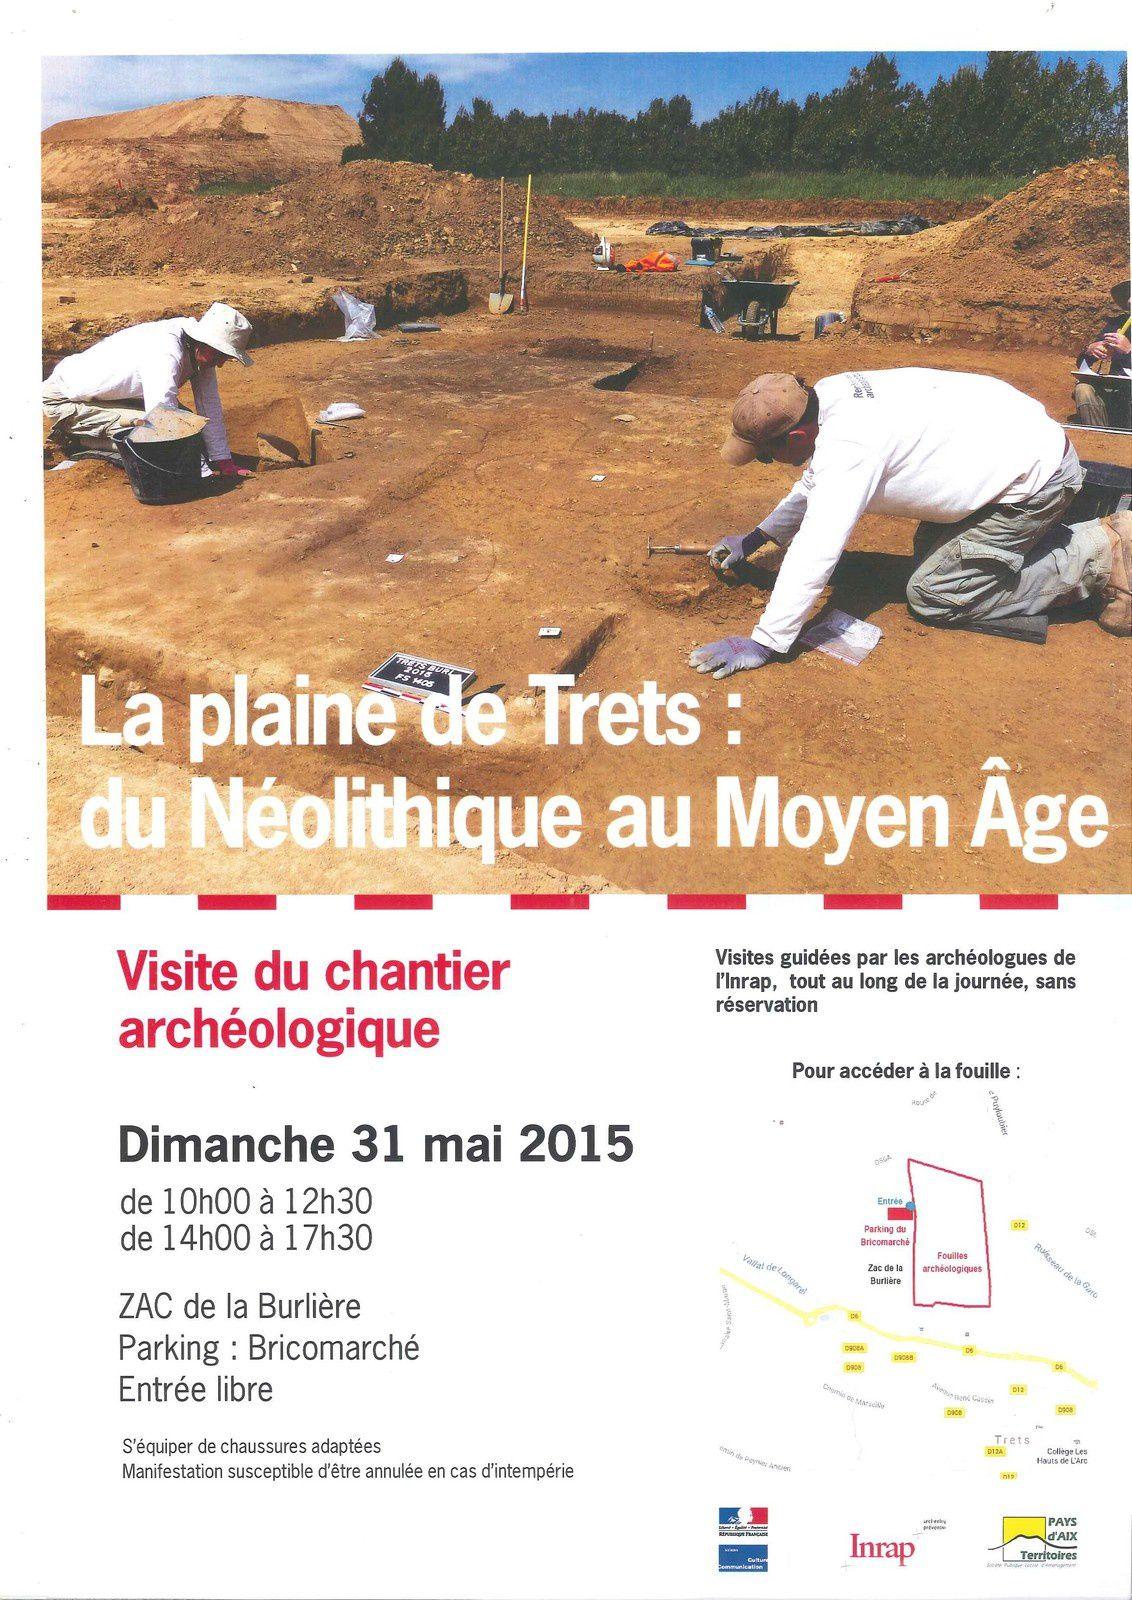 Visite d'un chantier archéologique à Trets